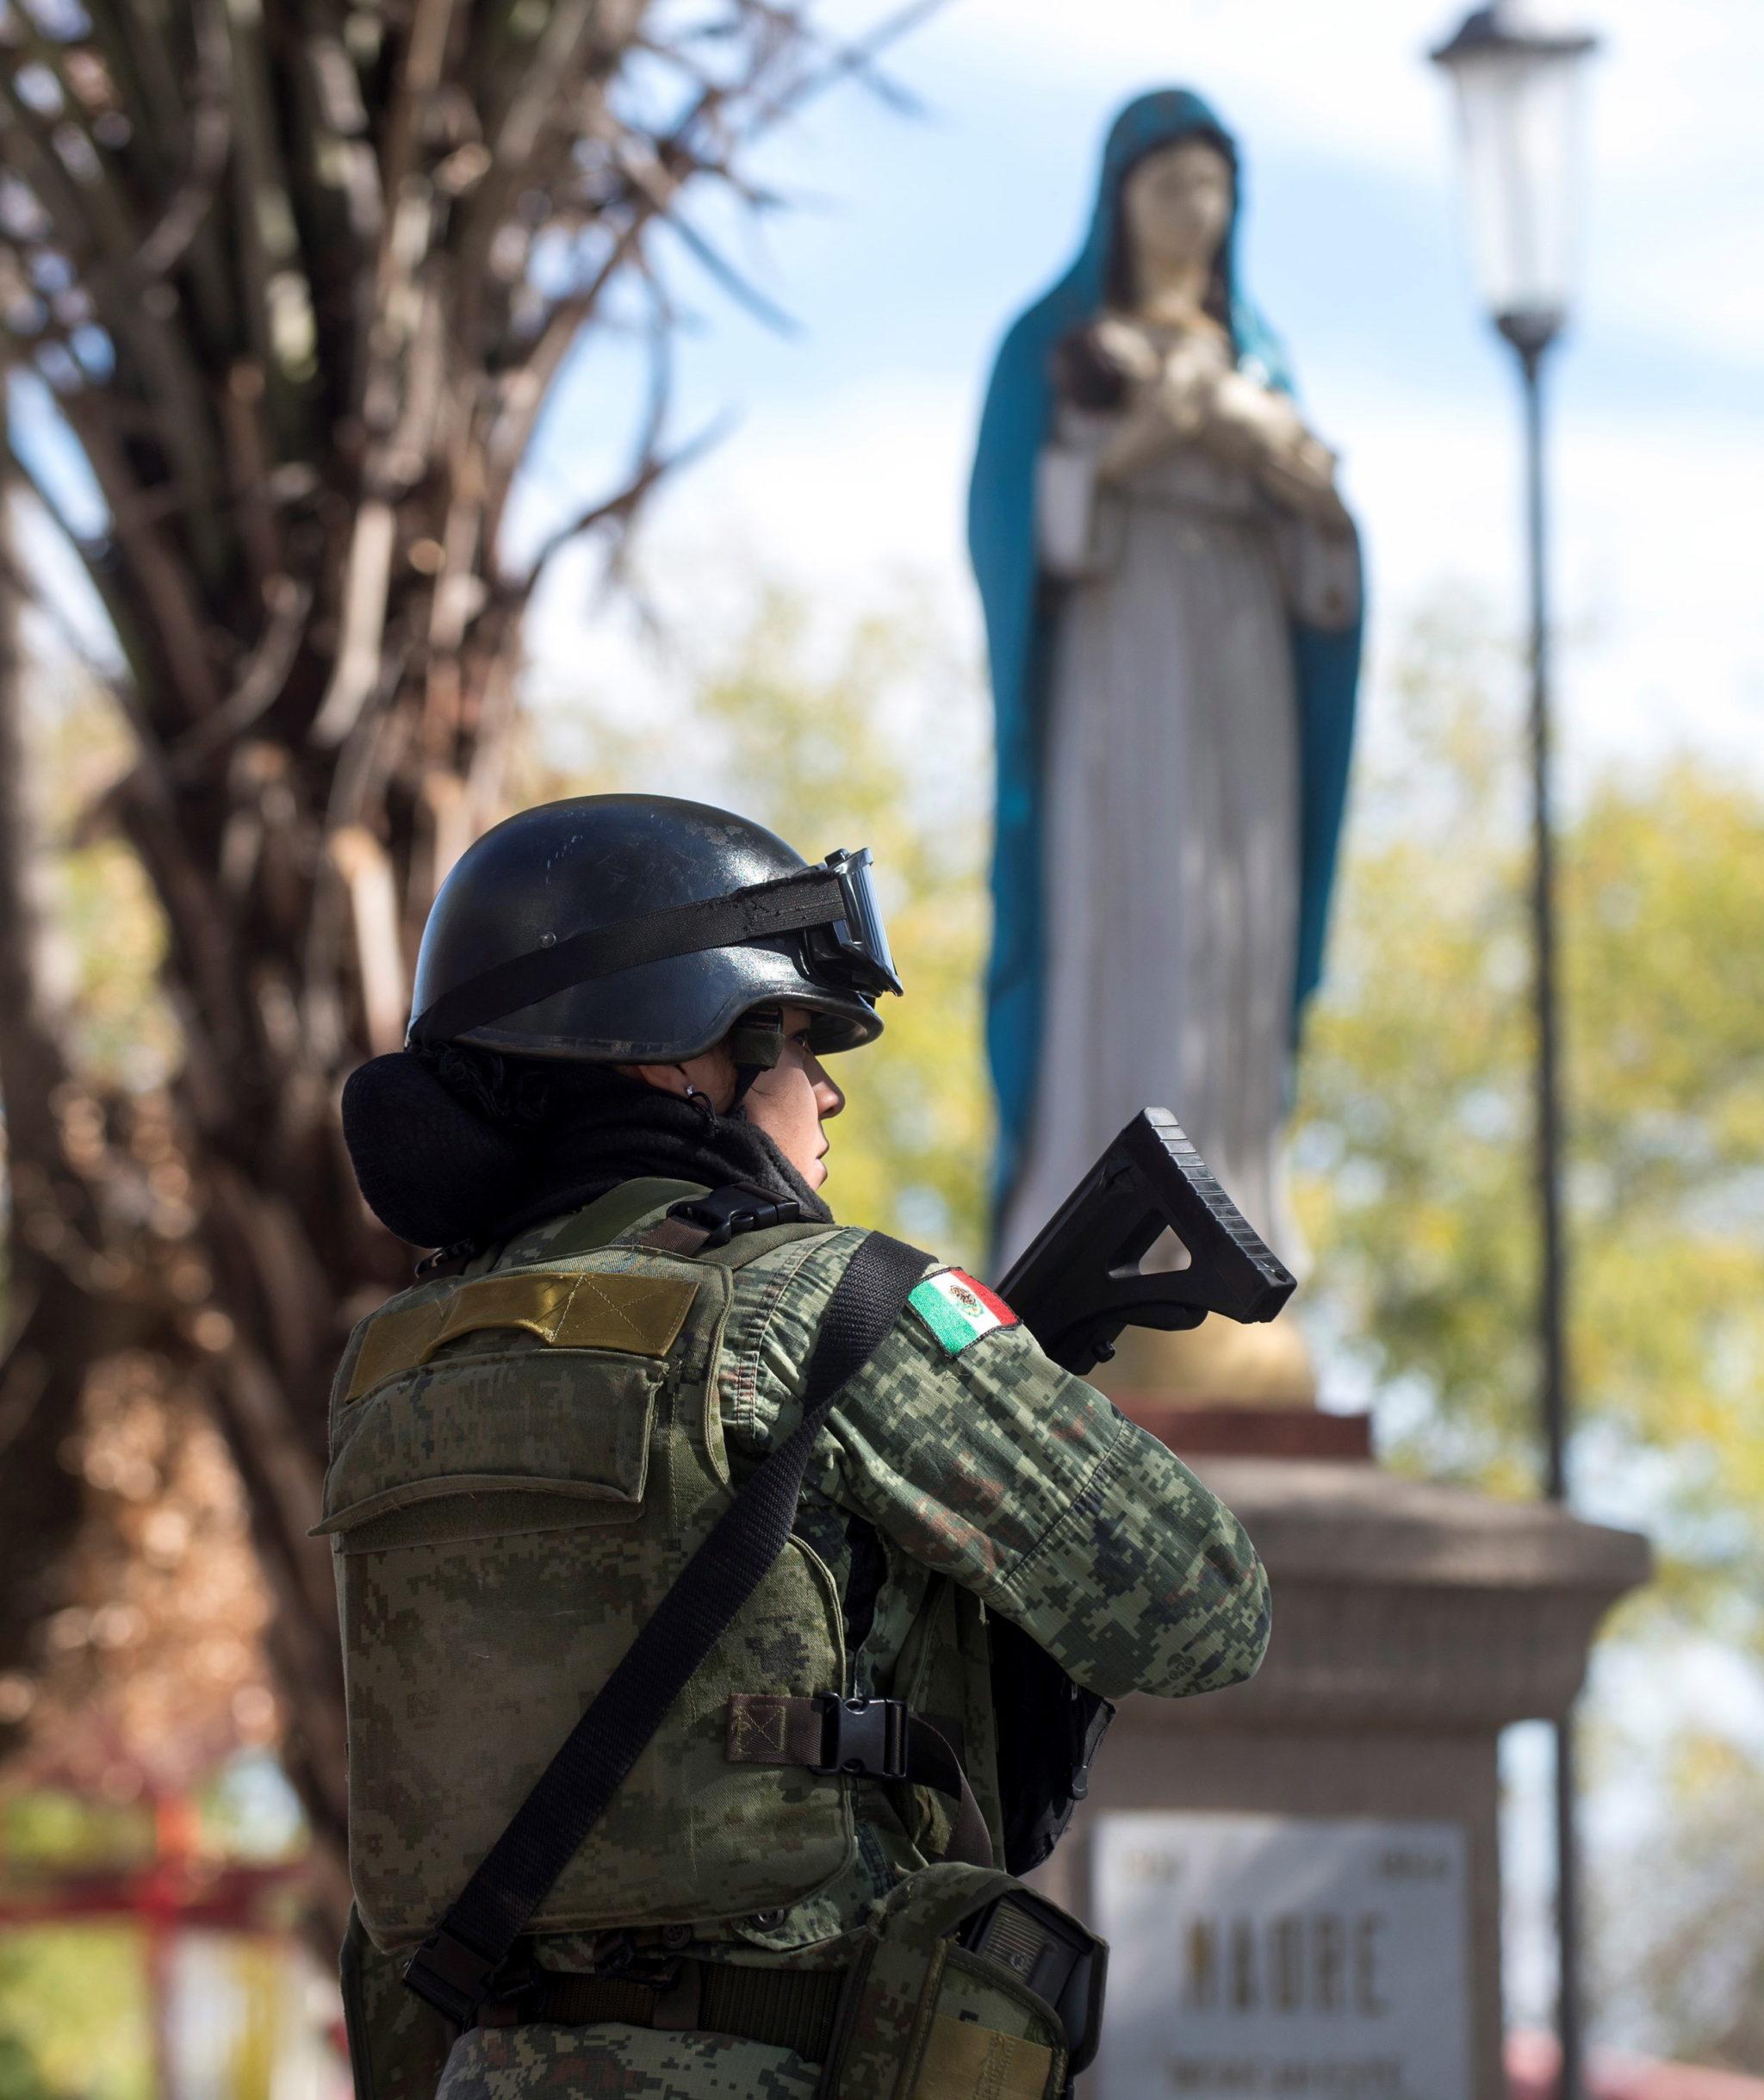 Wzmożone siły bezpieczeństwa po strzelaninie między policją a członkami mafii narkotykowej w Villa Union w Meksyku, fot. EPA/Miguel Sierra